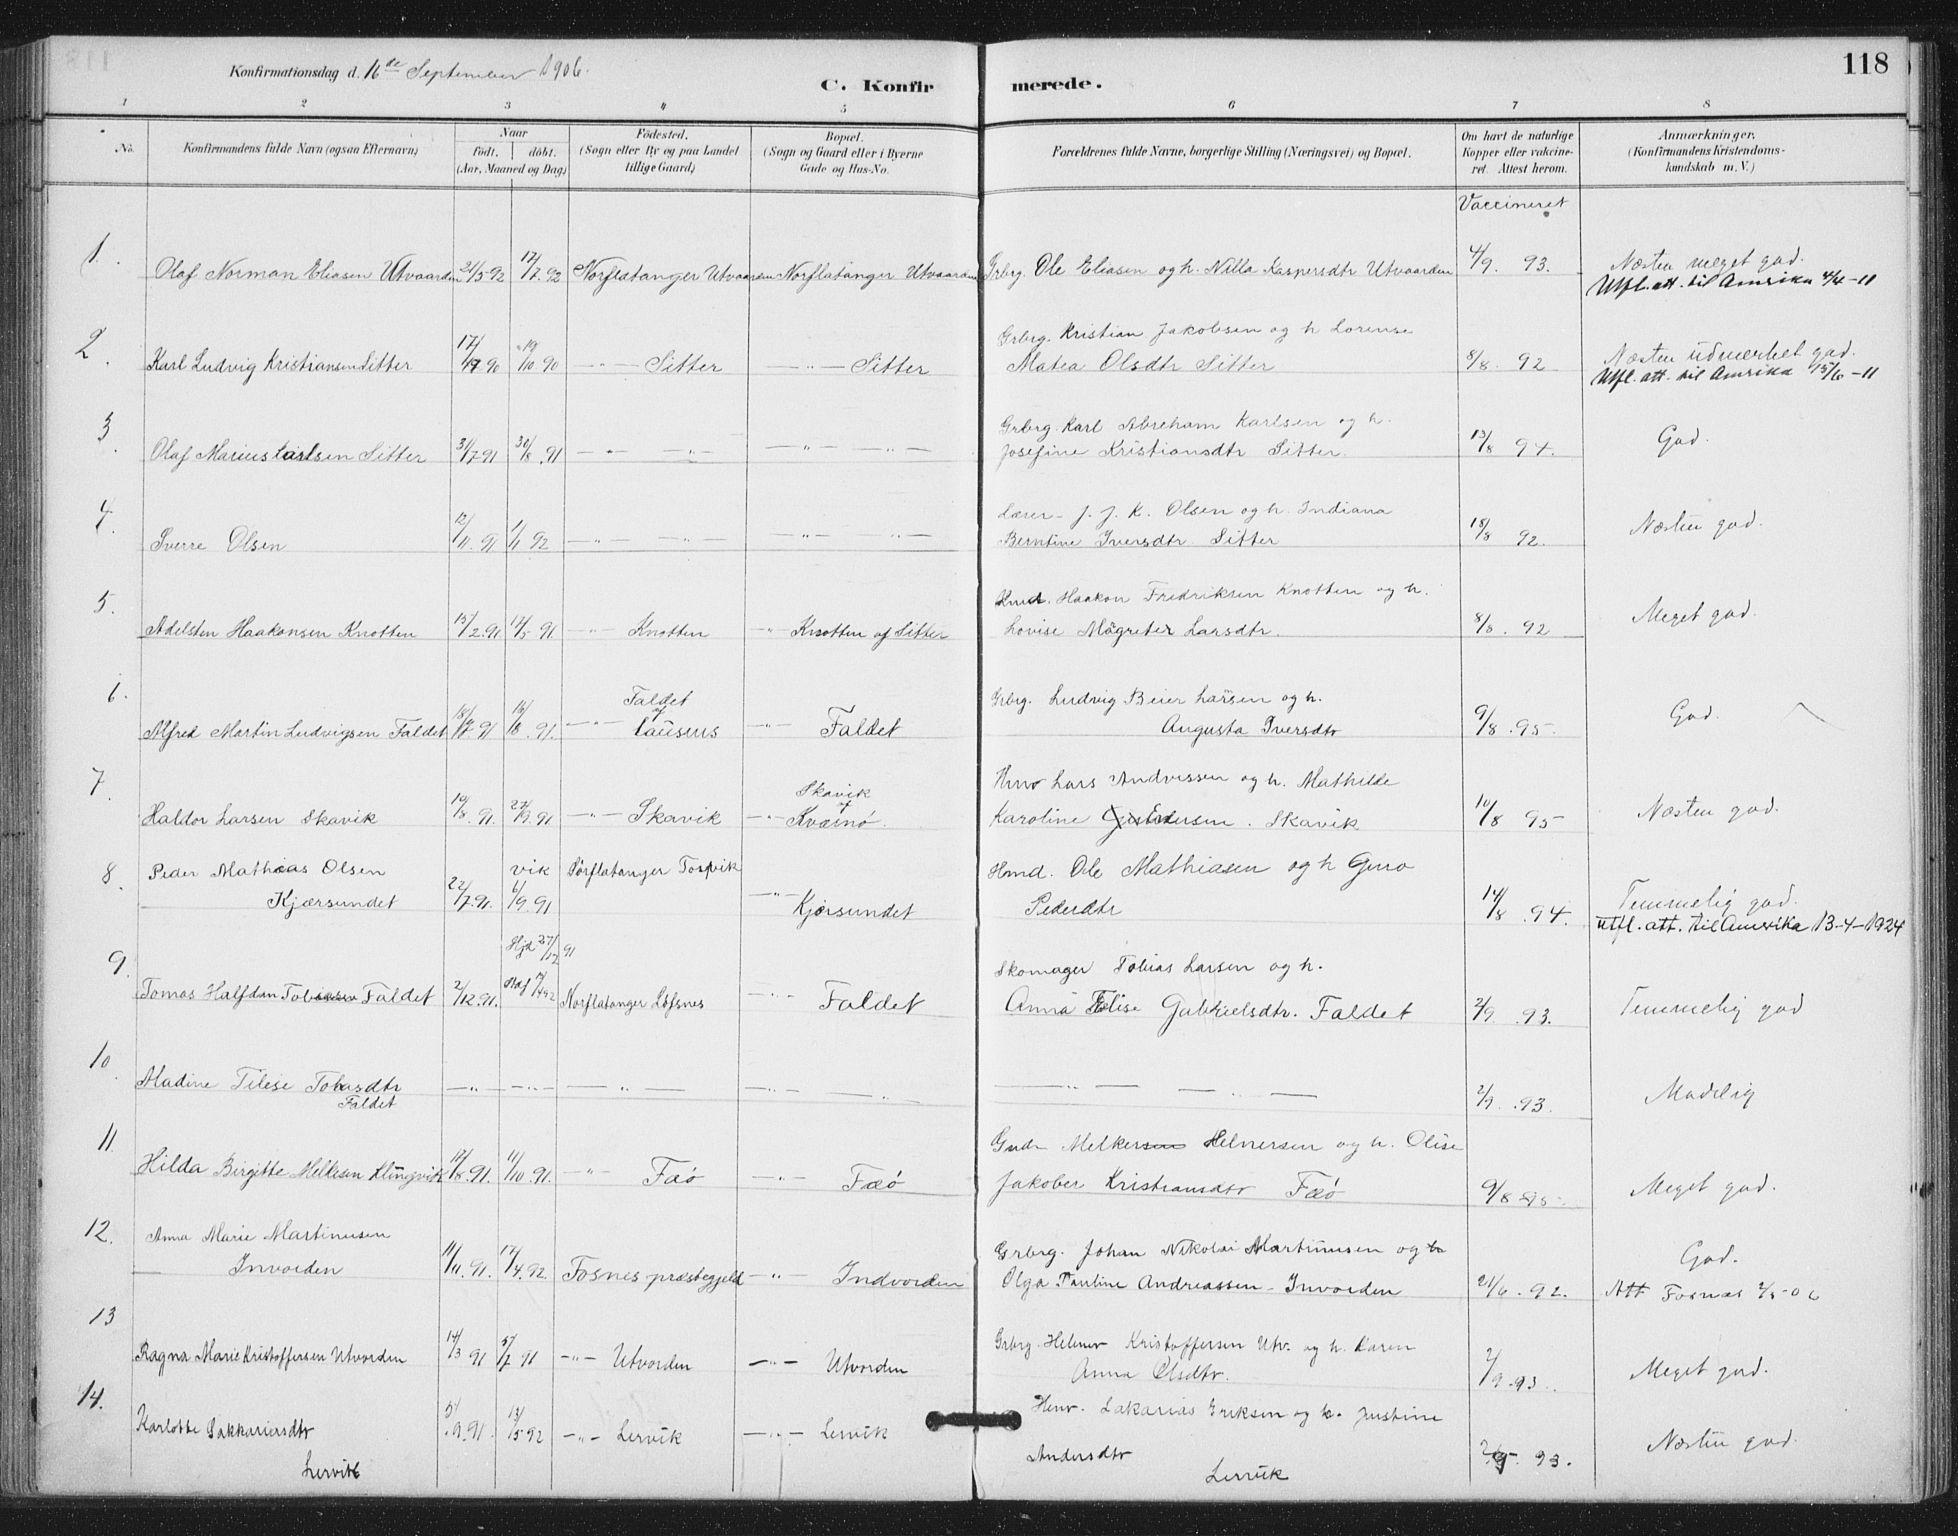 SAT, Ministerialprotokoller, klokkerbøker og fødselsregistre - Nord-Trøndelag, 772/L0603: Ministerialbok nr. 772A01, 1885-1912, s. 118